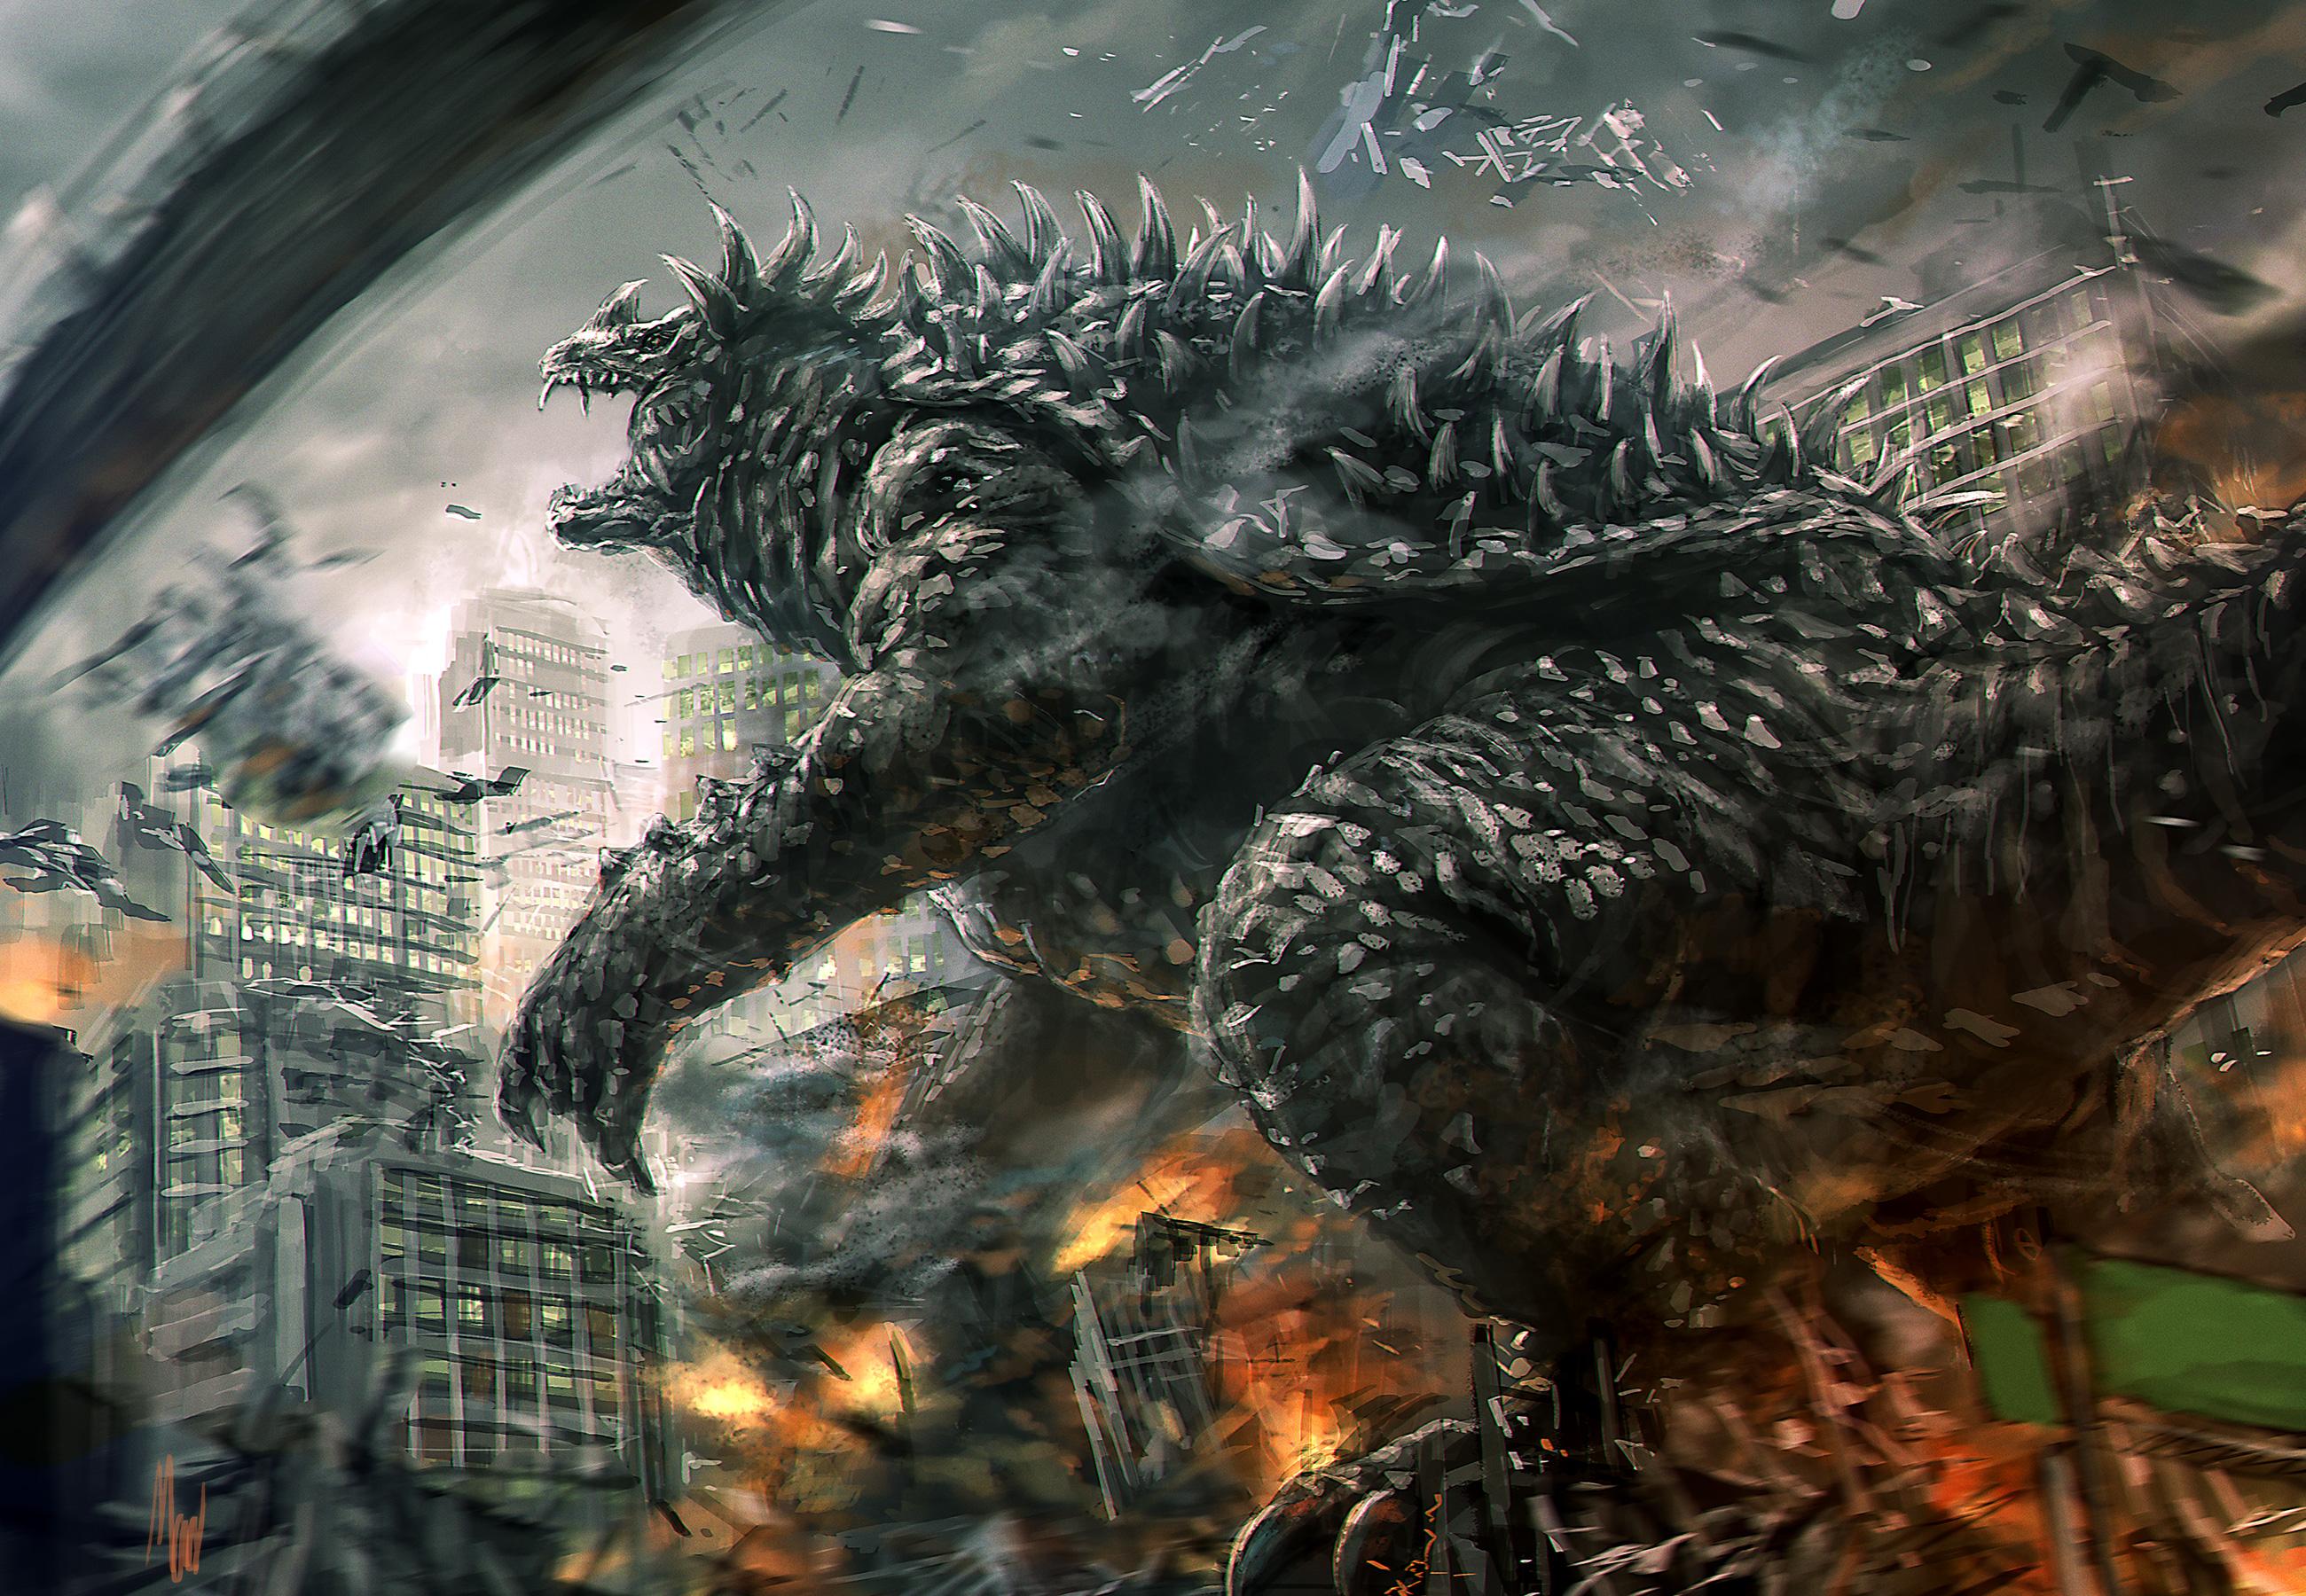 Iphone 8 Plus X Ray Wallpaper Godzilla Raids Again Full Hd Fondo De Pantalla And Fondo